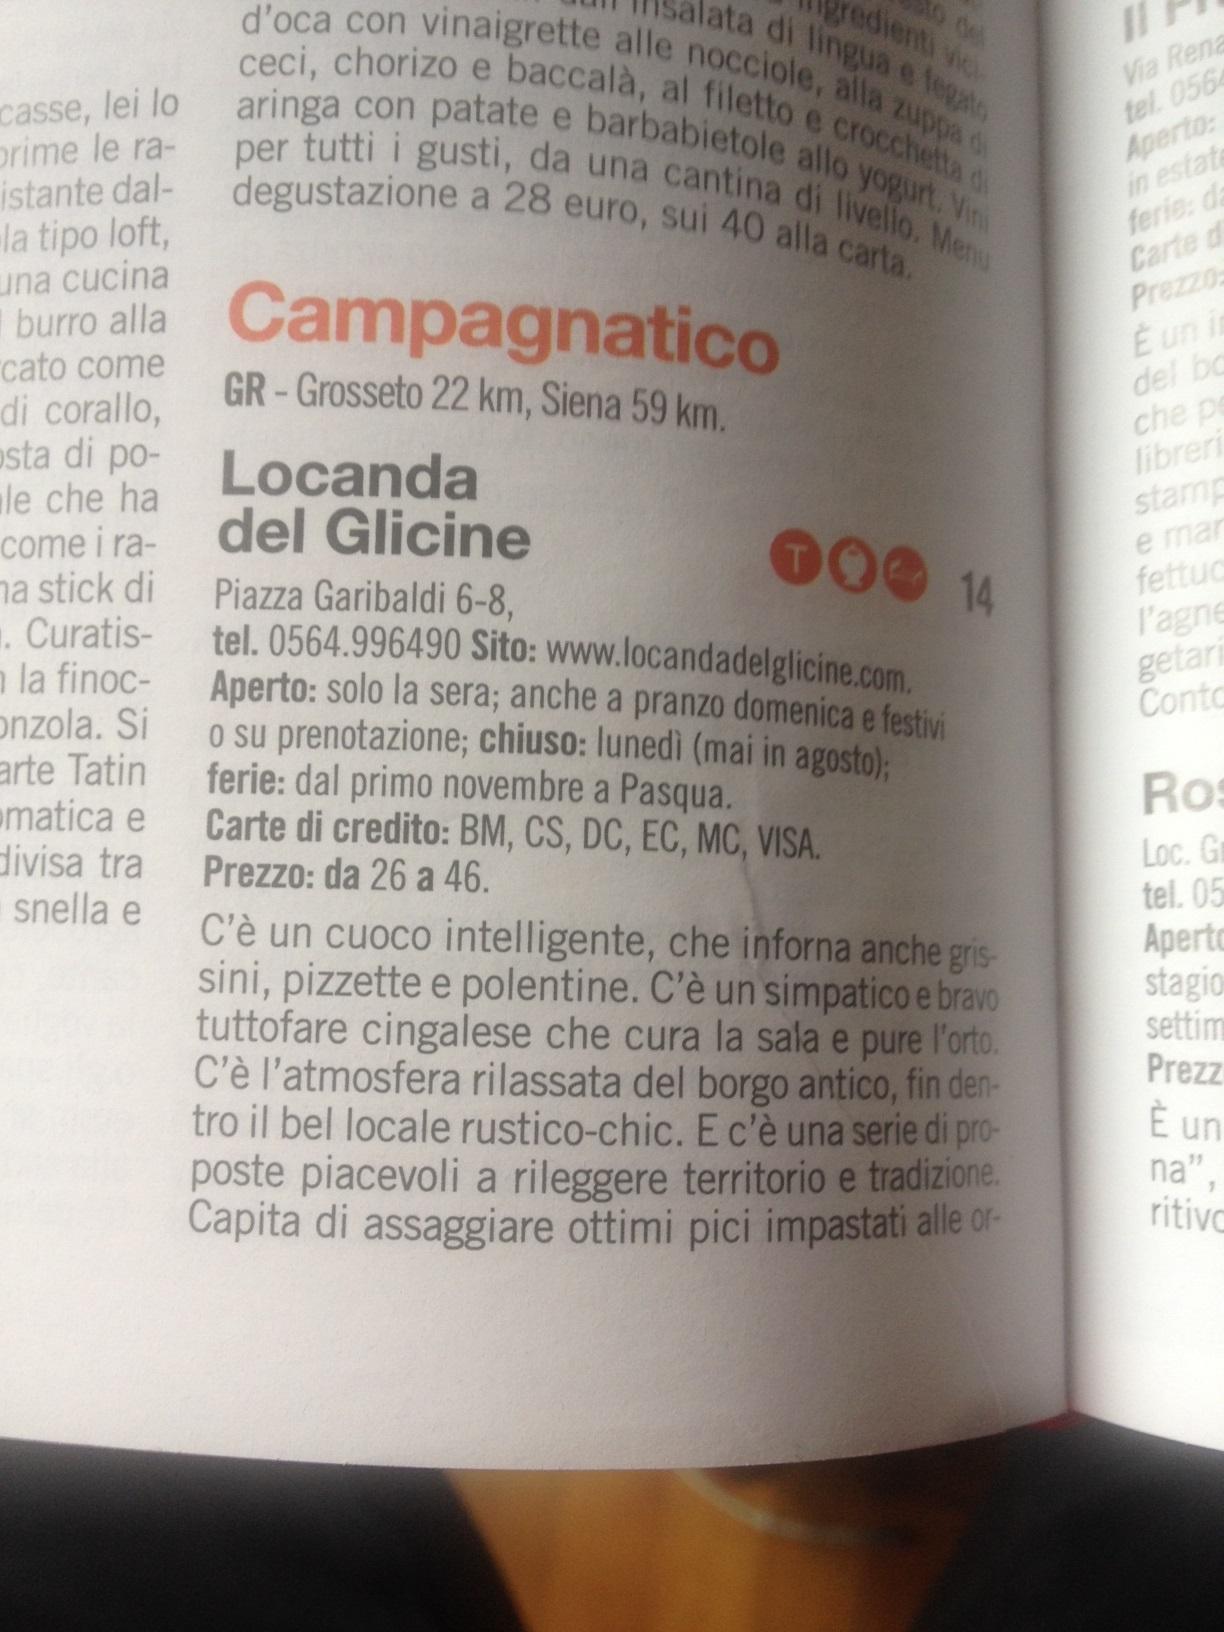 RISTORANTI D'ITALIA _ L'ESPRESSO_1